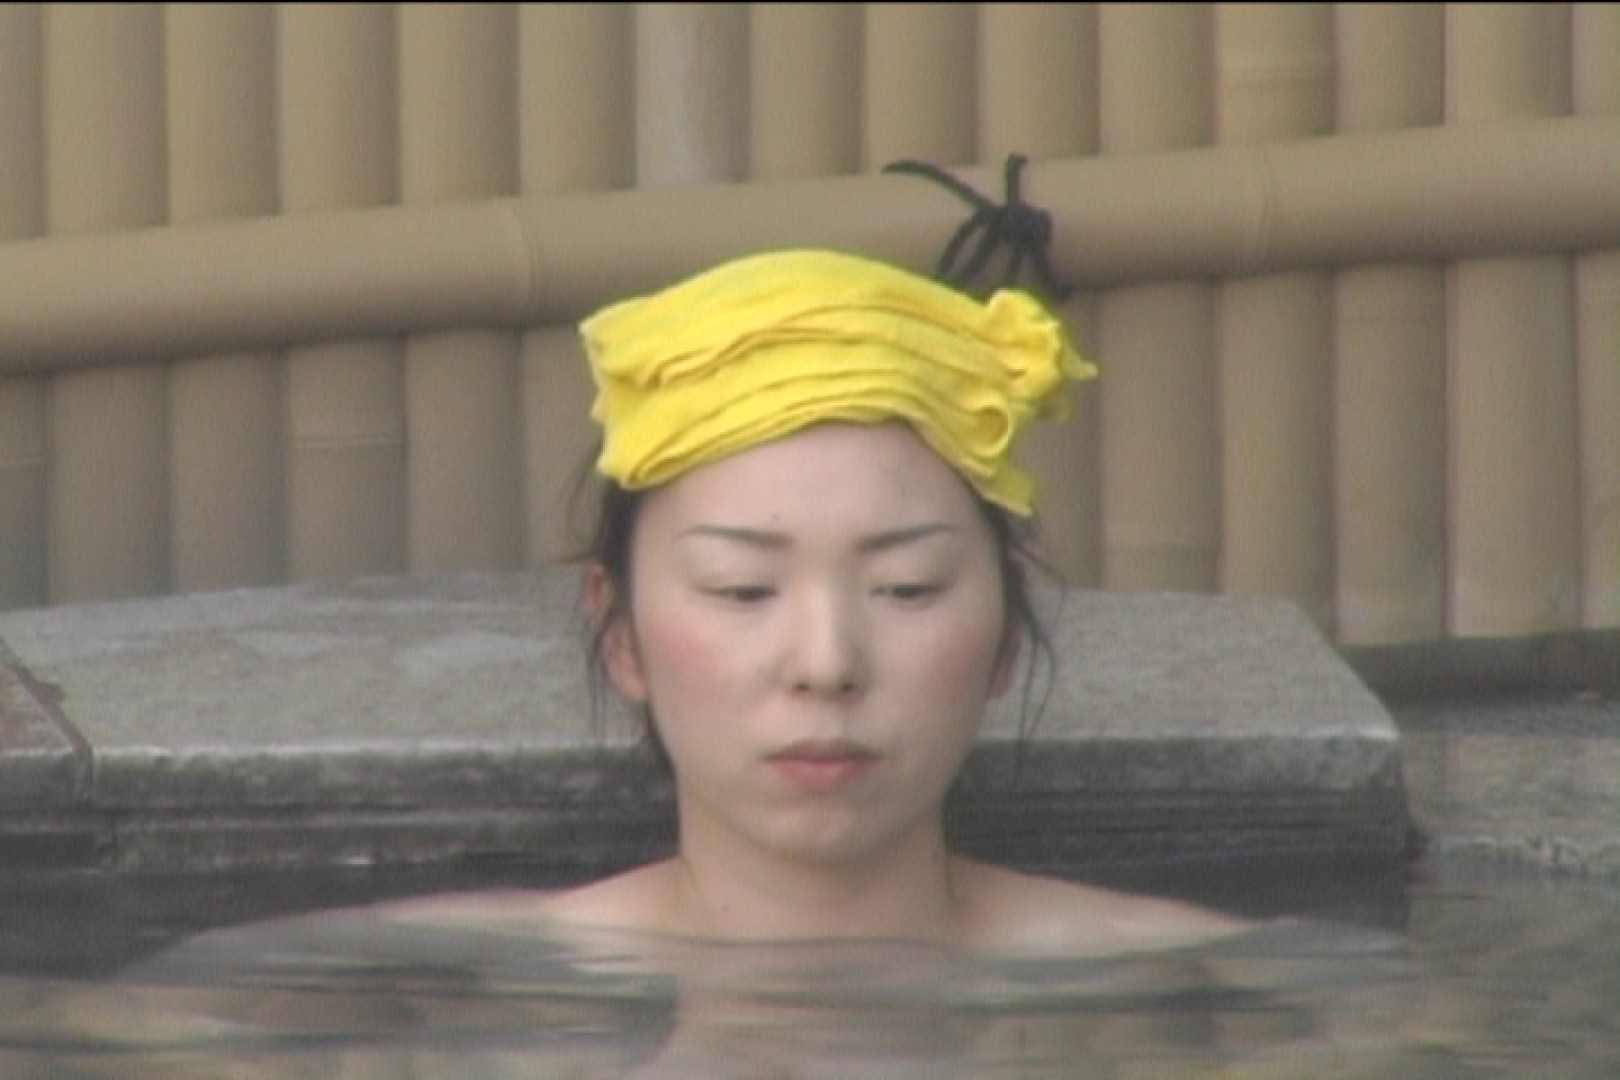 Aquaな露天風呂Vol.529 盗撮シリーズ  106PIX 36